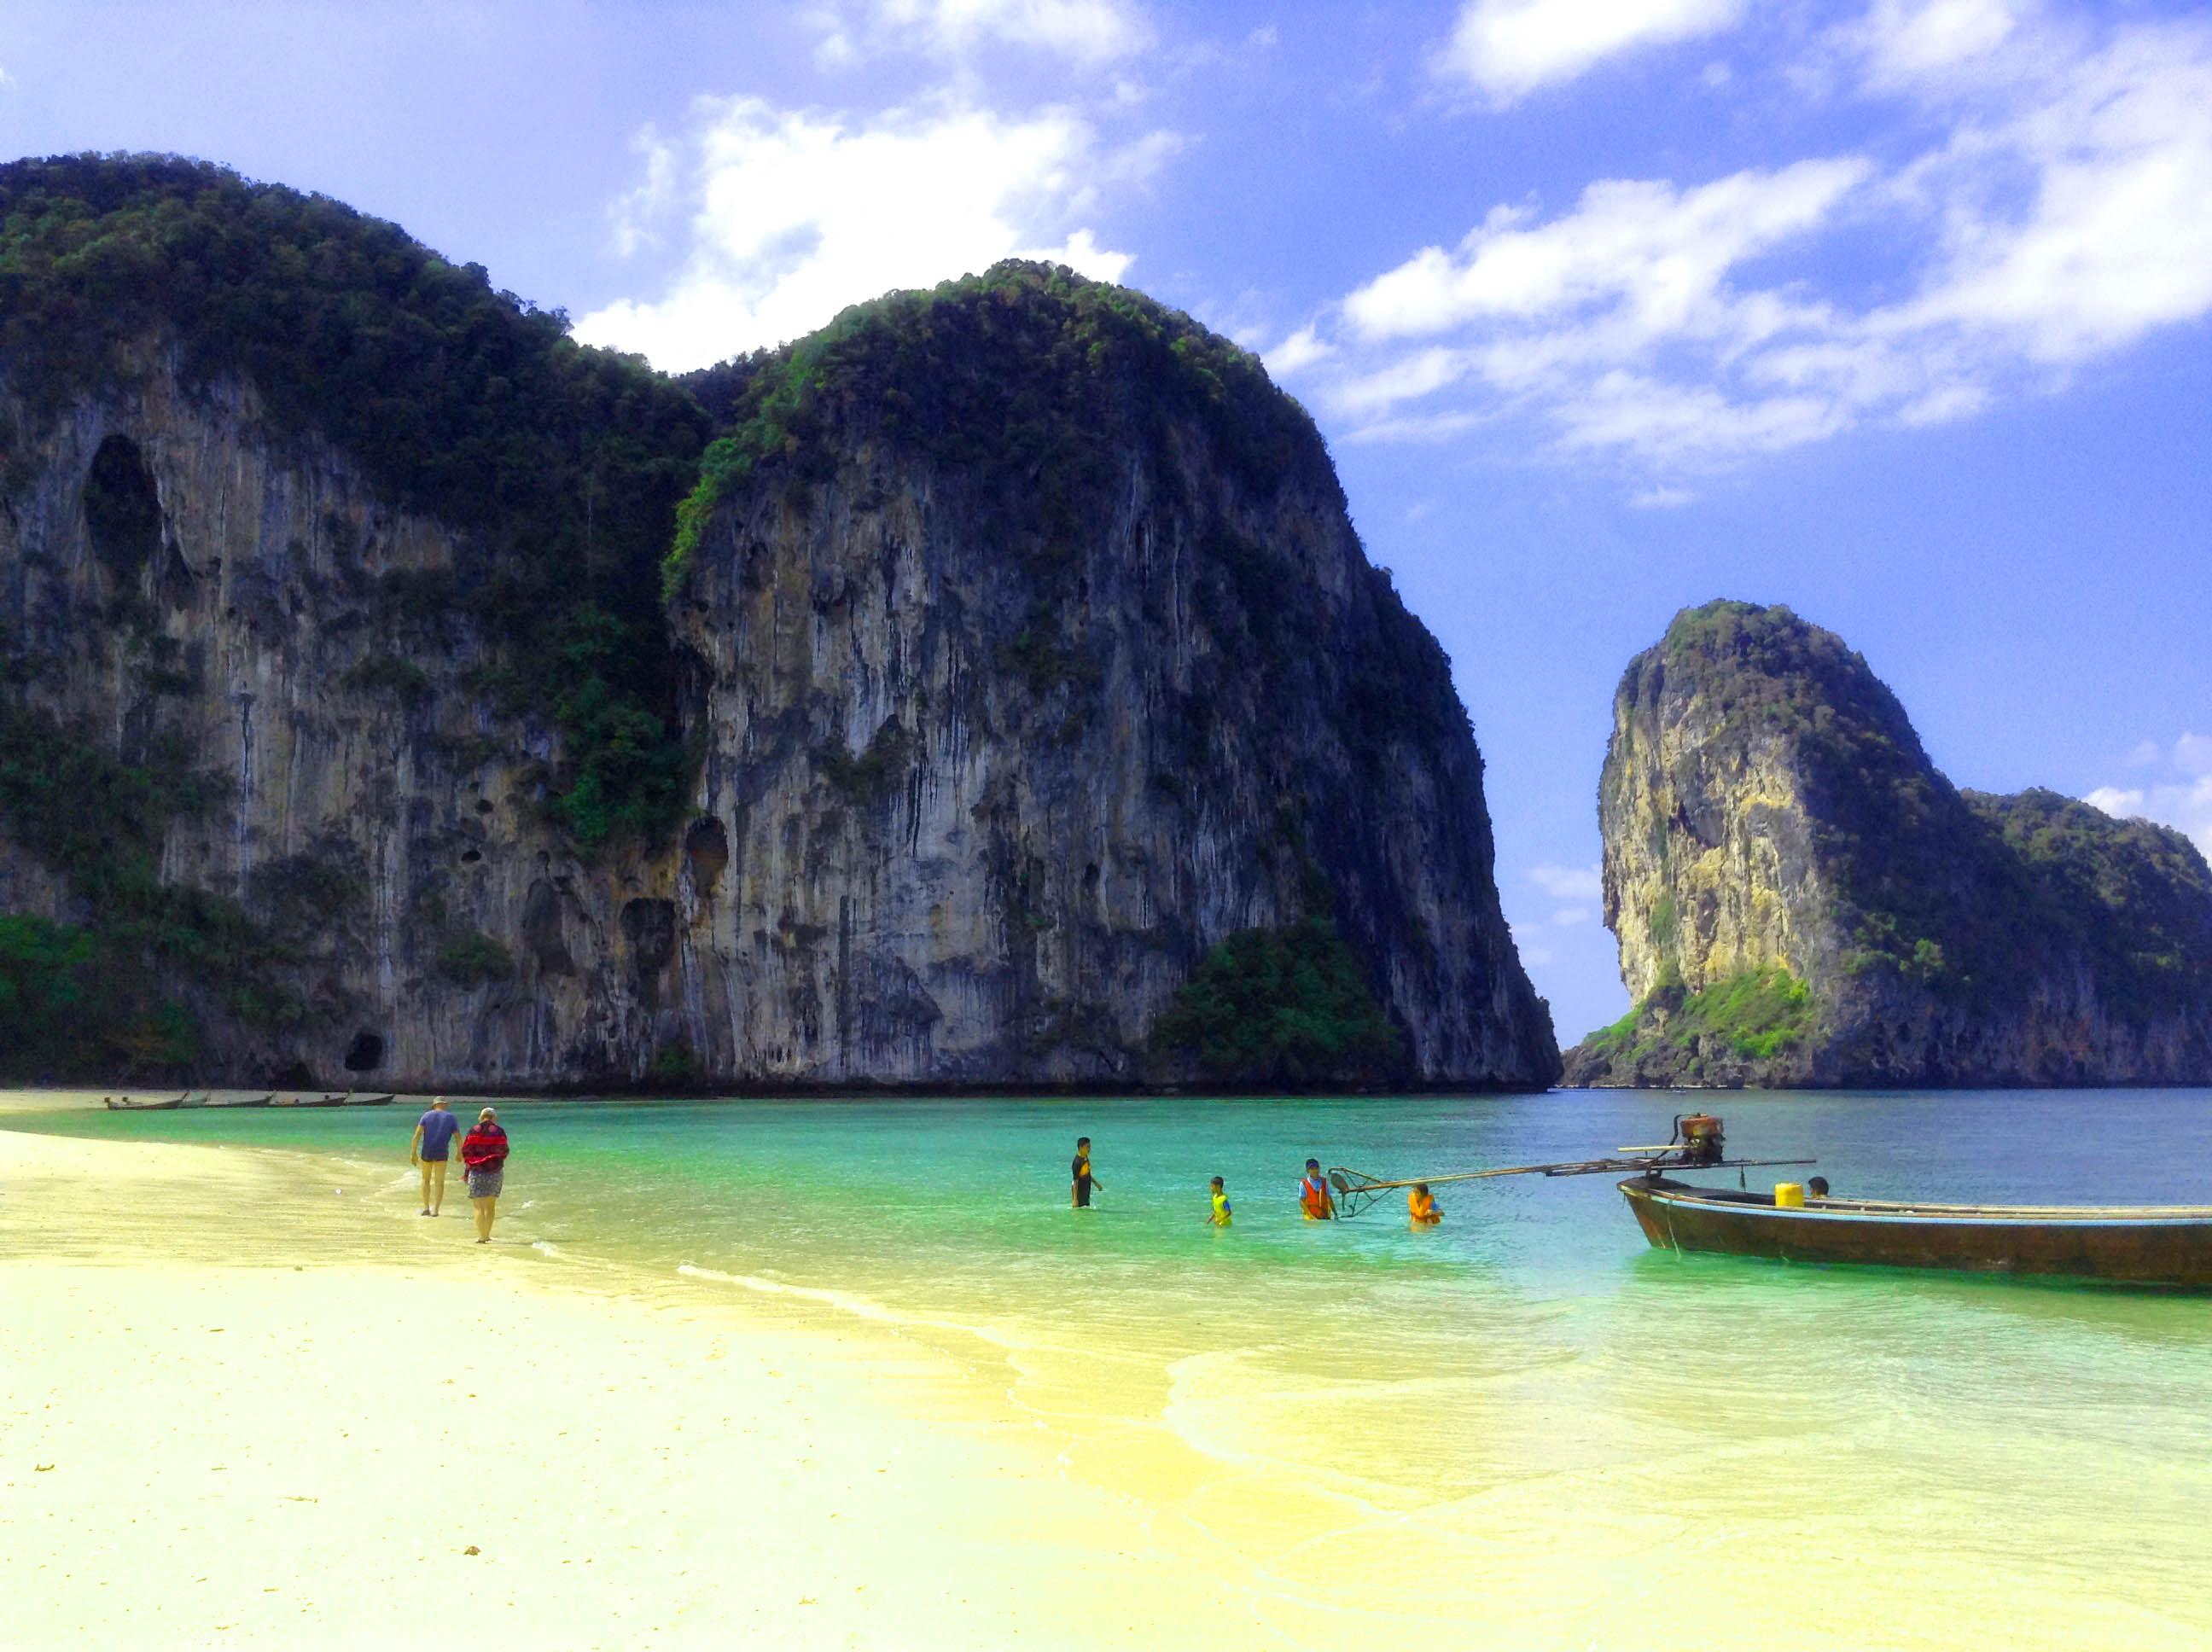 ทัวร์เกาะเหลาเหลียง 1 วัน